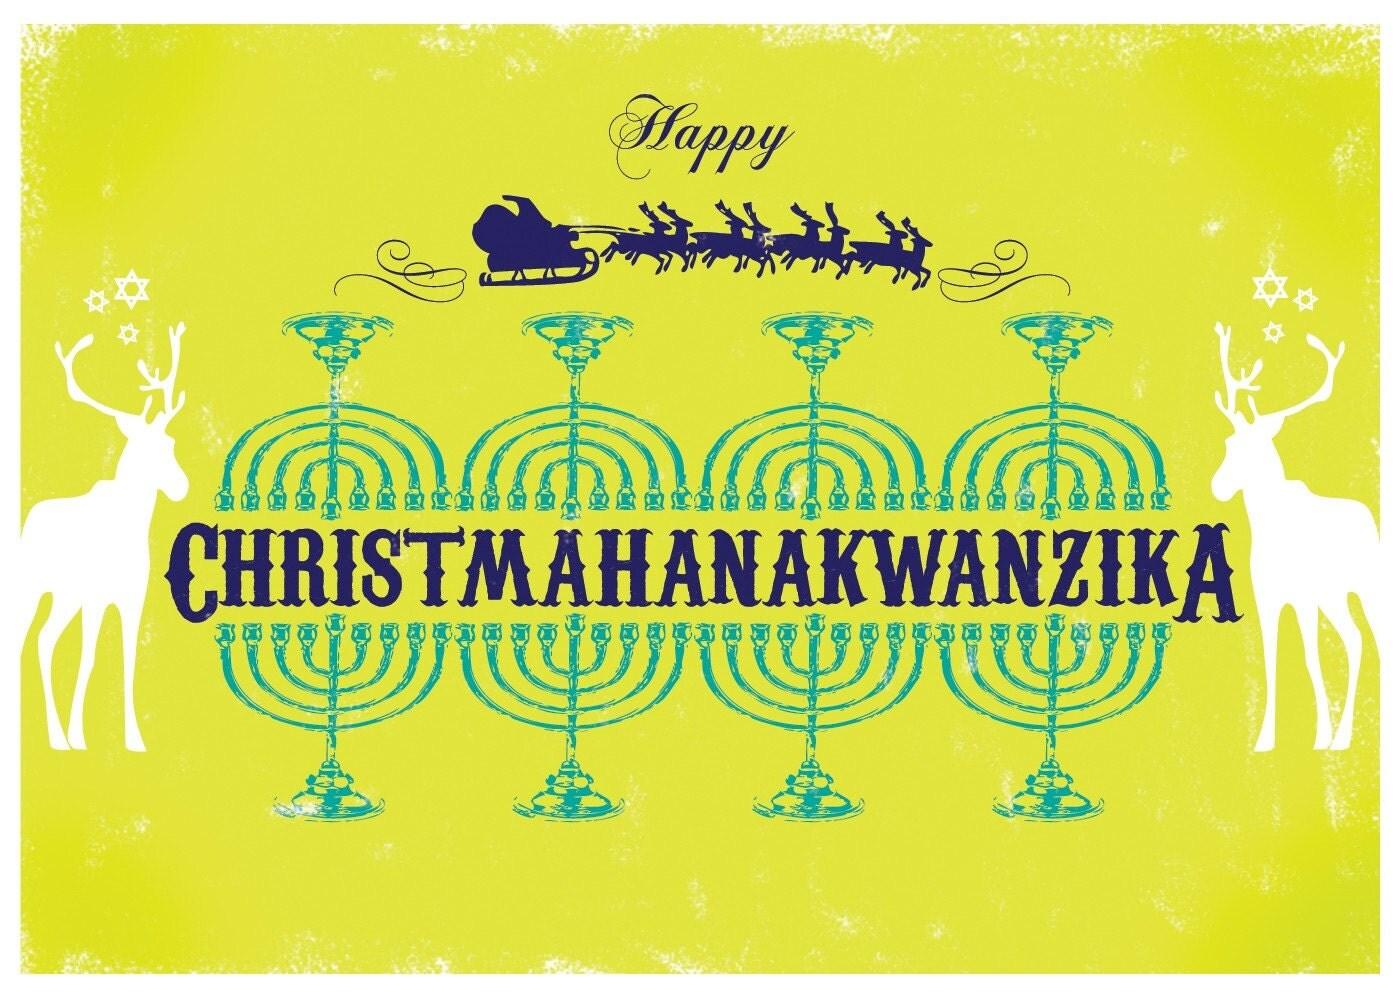 Christmahanakwanzika Cards - Set of 6